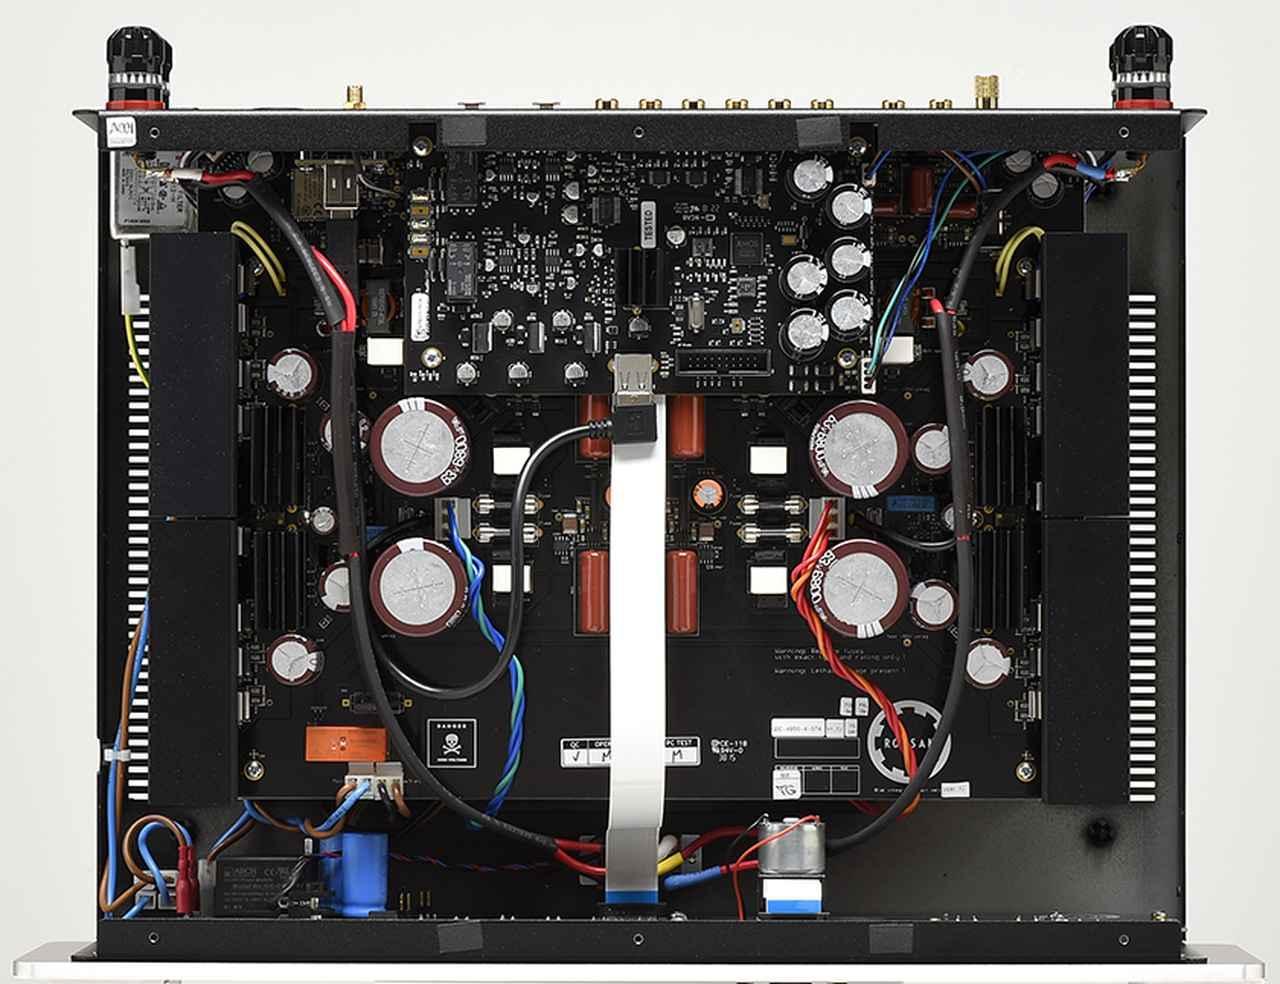 画像: ↑左右対称を志向したプリメインアンプ内部。左右端に配されたヒートシンクに出力素子が載せられている。また、写真では見えないが100V専用としたトロイダルコアトランスは底面に備える